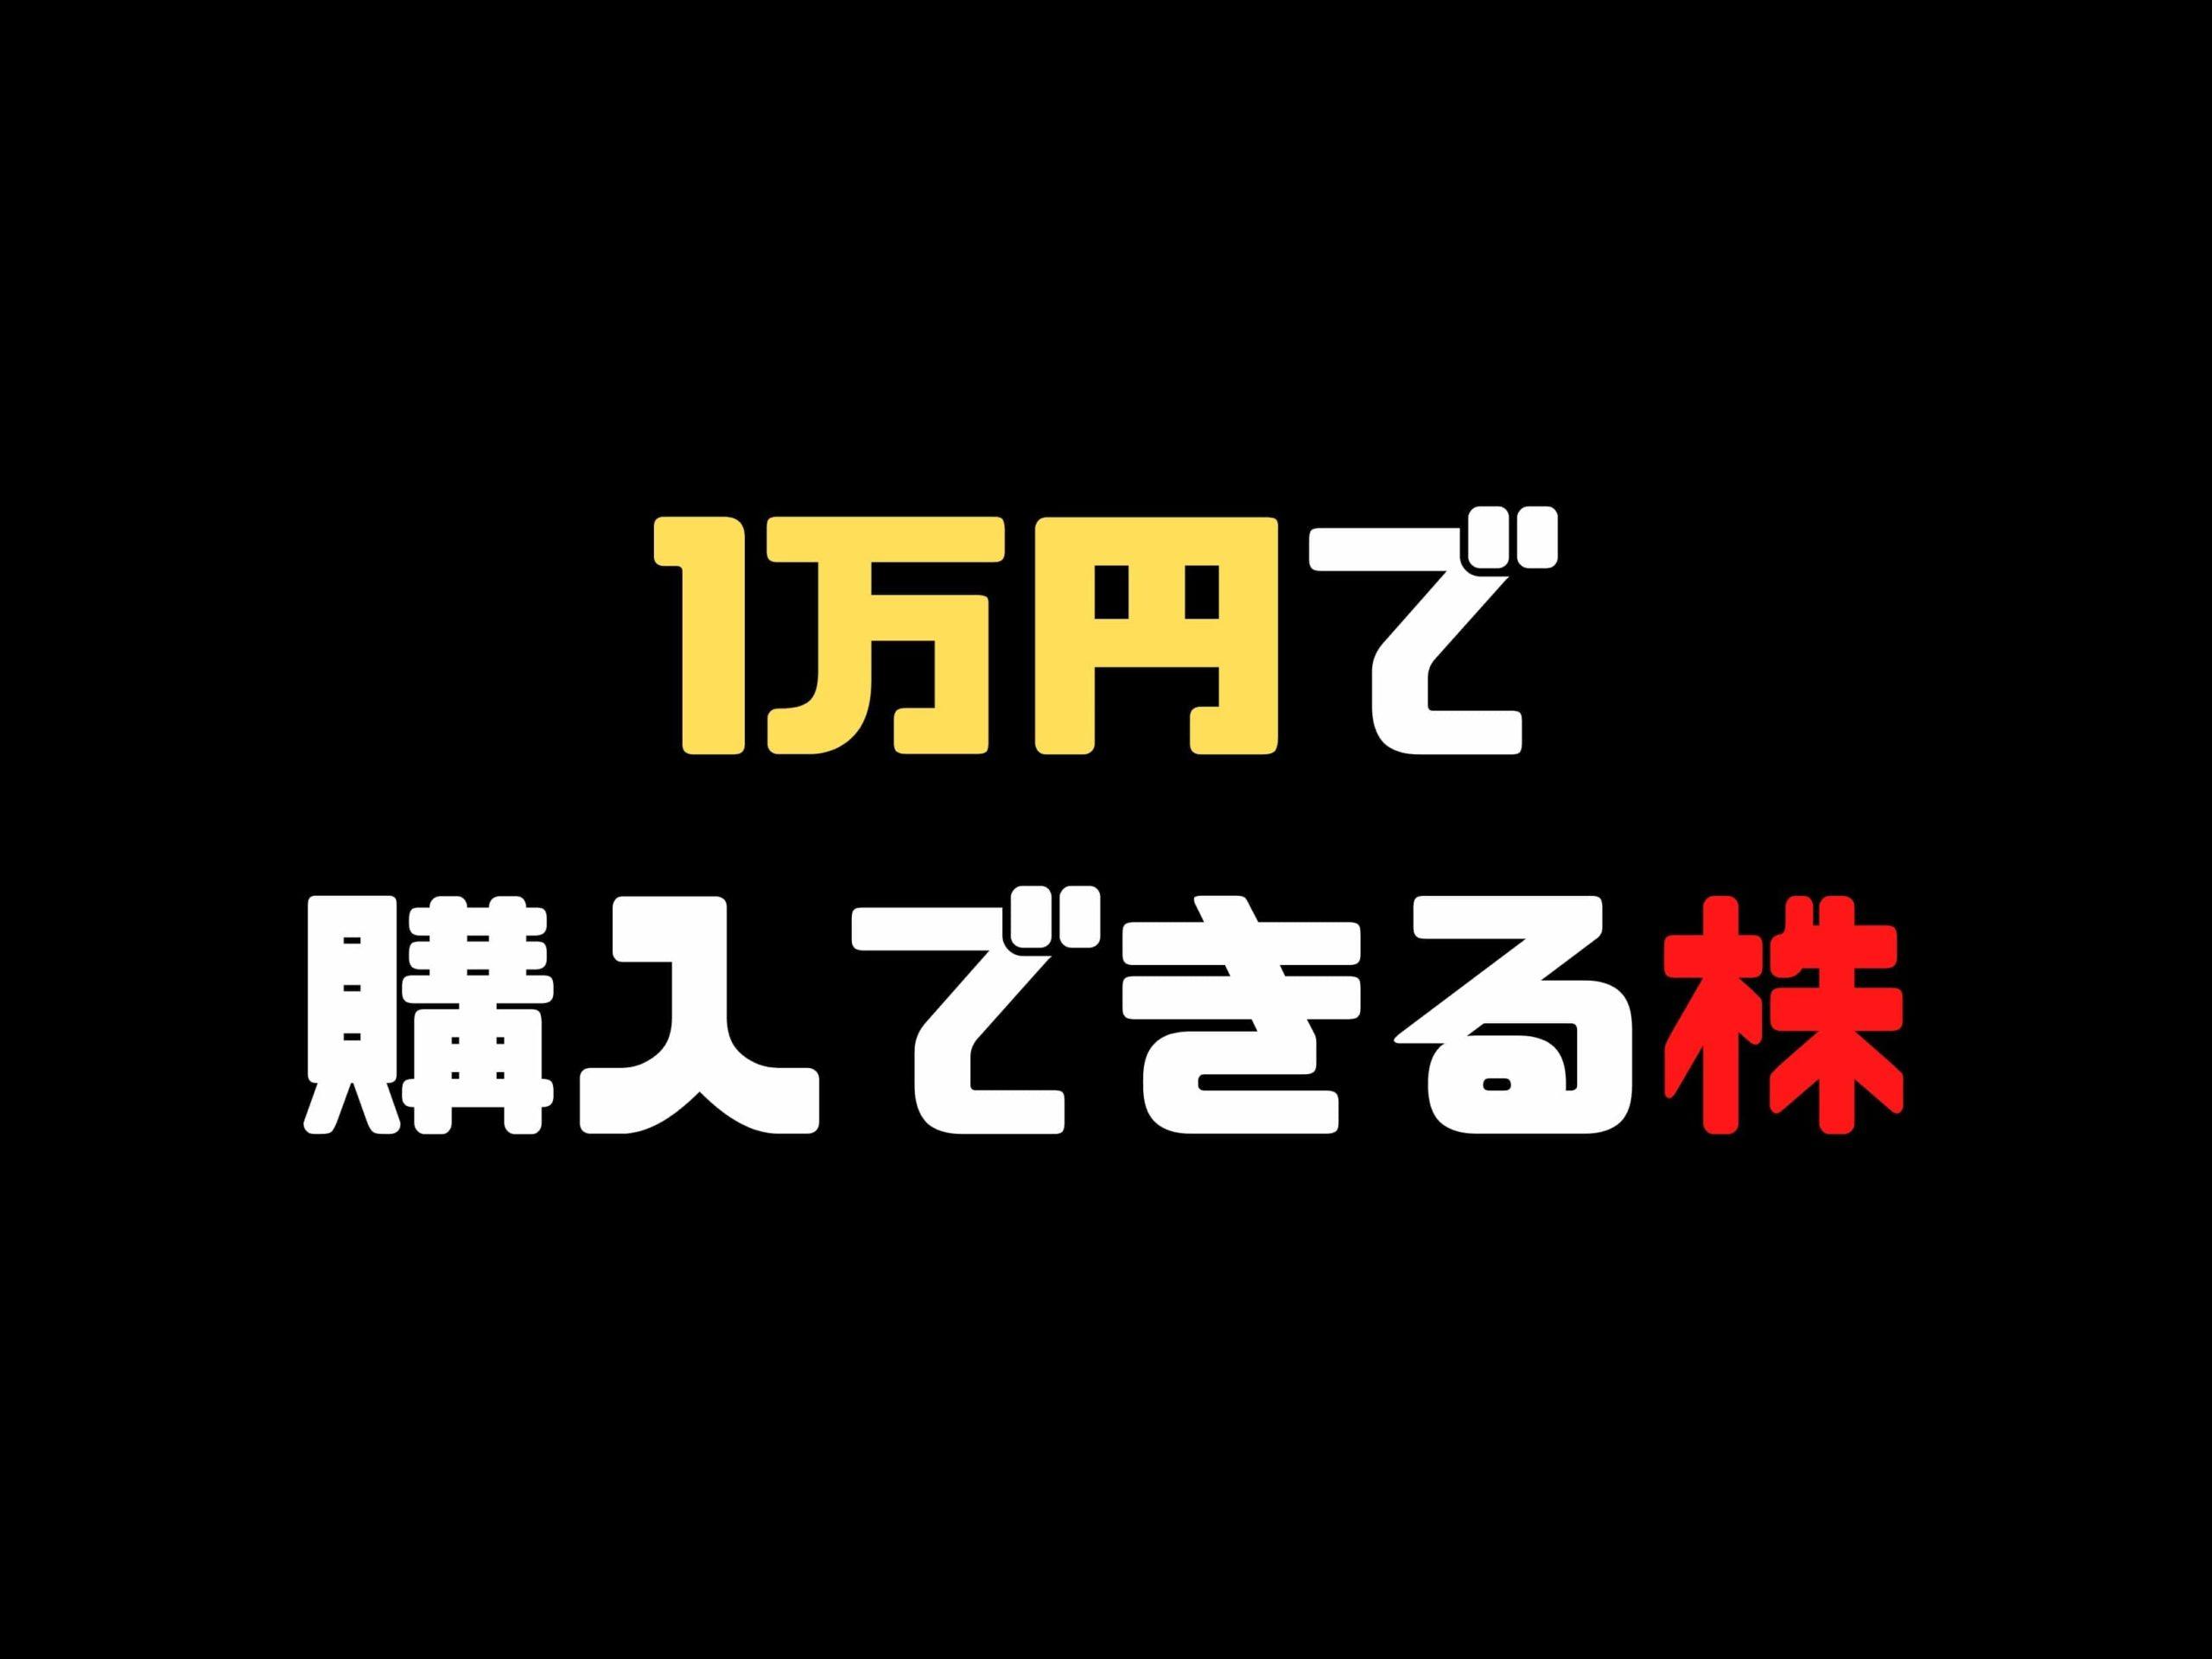 【2021年版】1万円以下で買える日本株一覧!配当金で購入可能